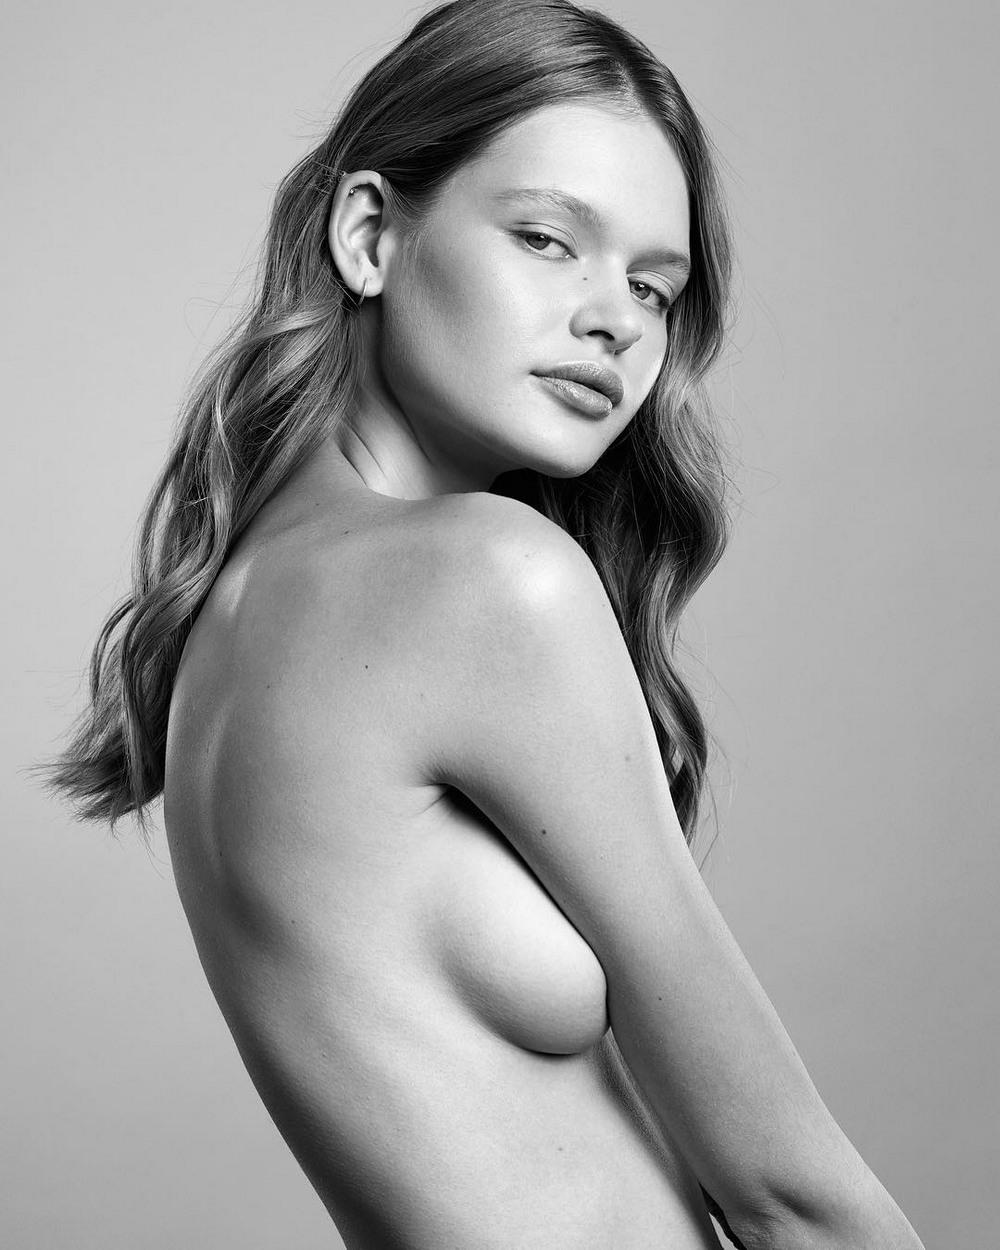 Красивые девушки на снимках Майкла Волошиновича